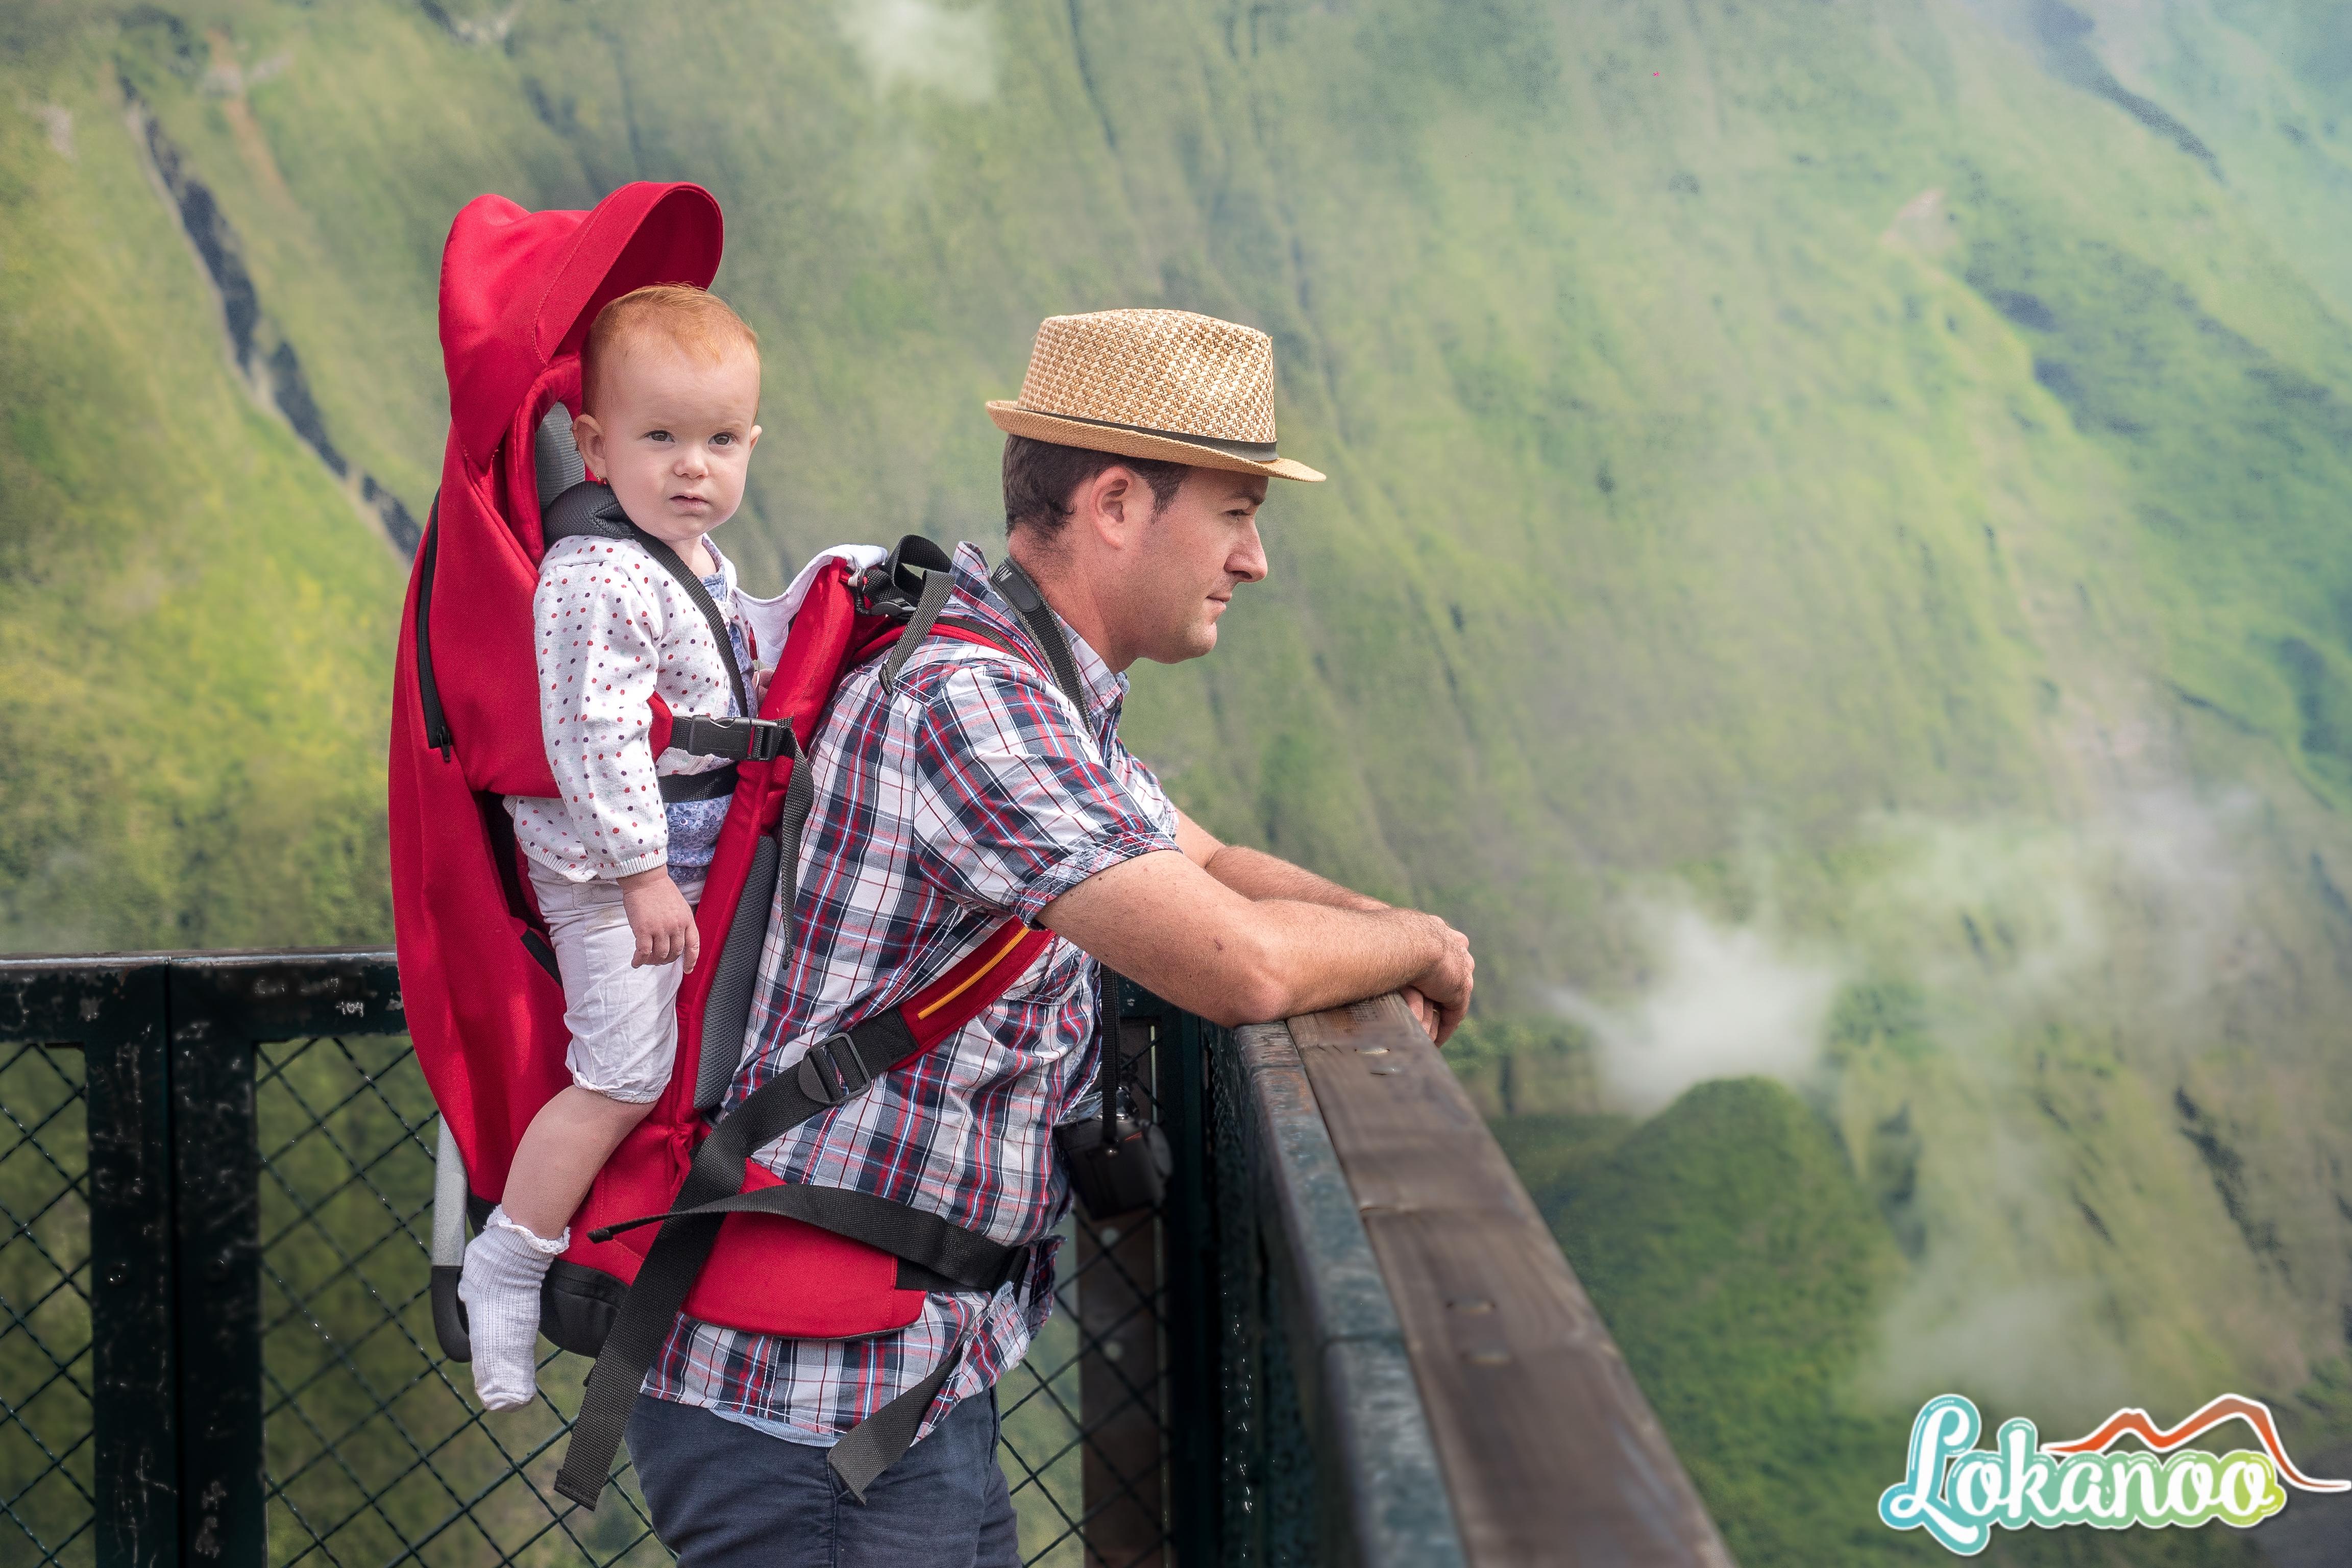 Pourquoi louer son porte bébé de randonnée ?